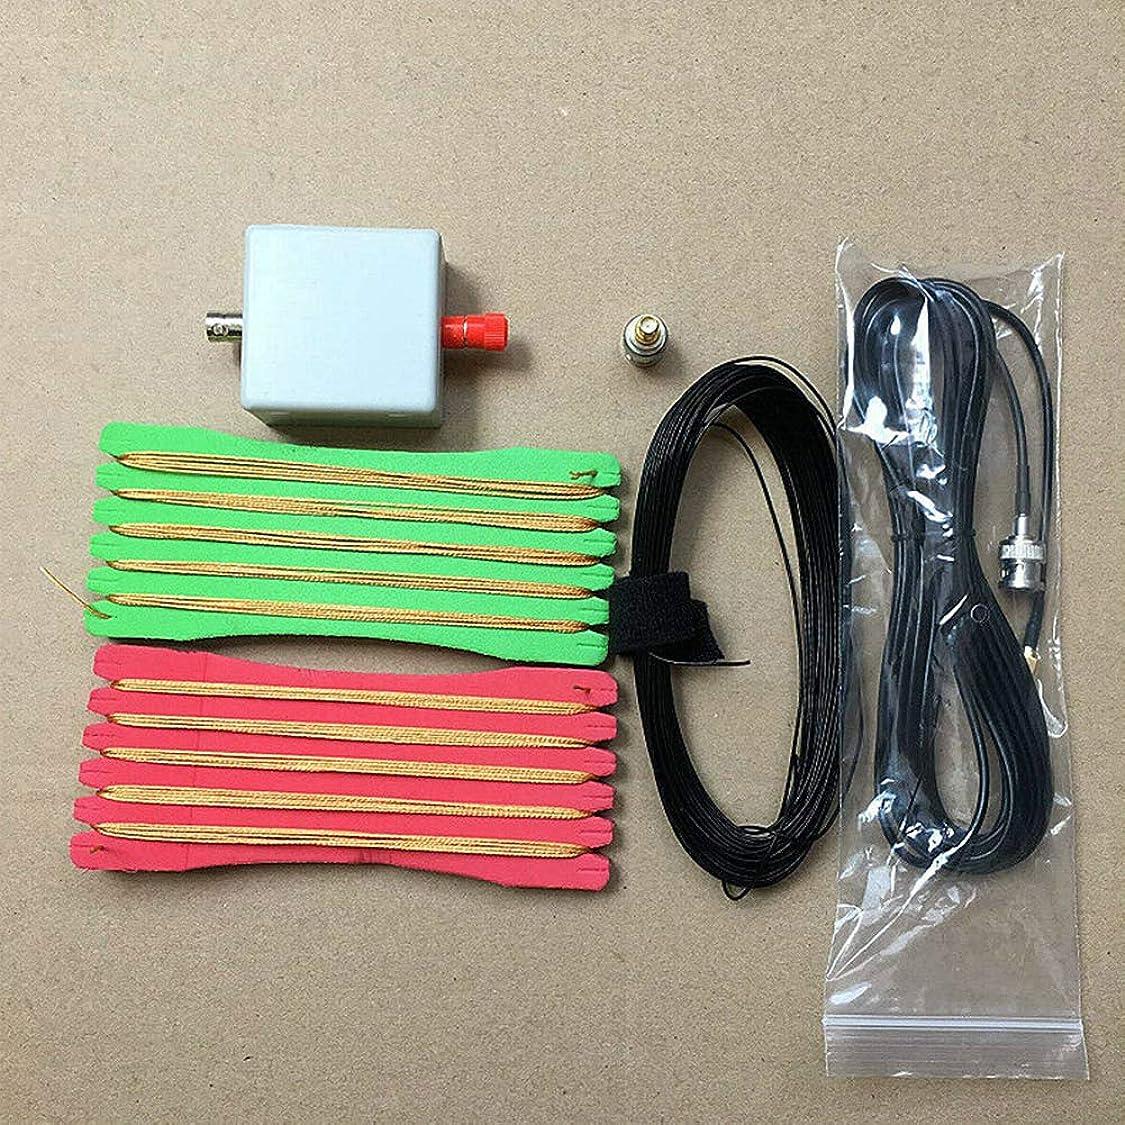 呼吸小麦株式会社ACHICOO 短波アンテナ 1.6-50 MHz 軽量 小型 ロング LW1650 ポータブル